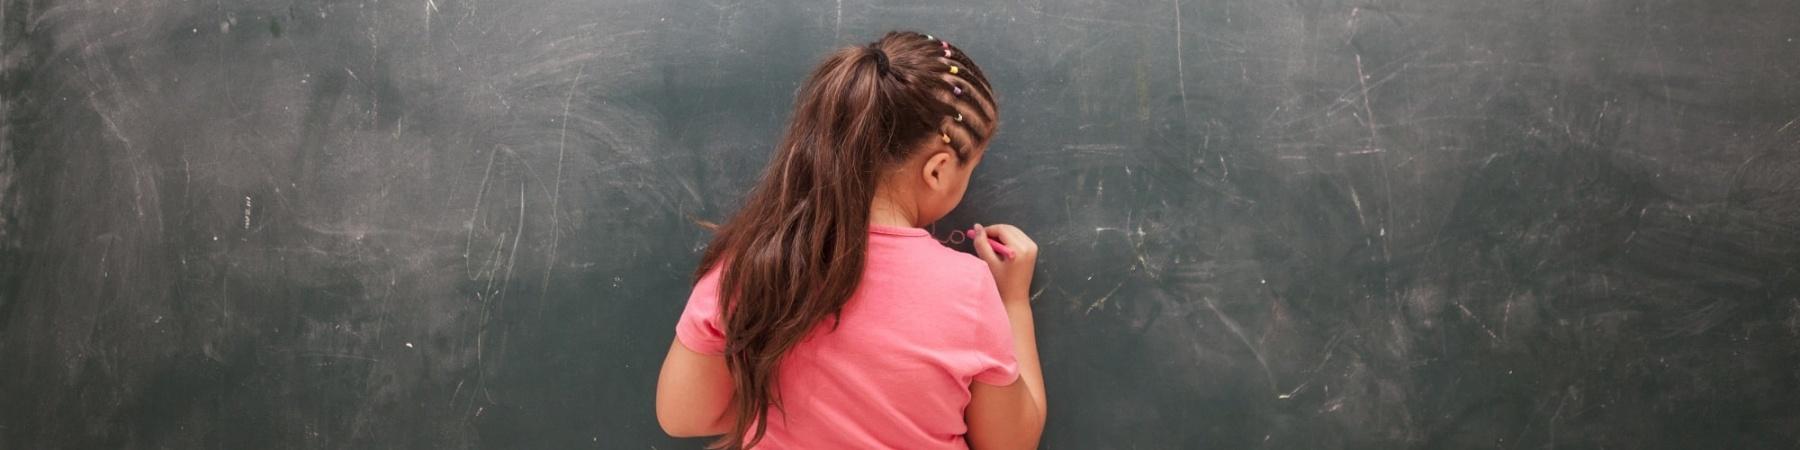 bambina di spalle davanti a una lavagna nera scrive con il gessetto